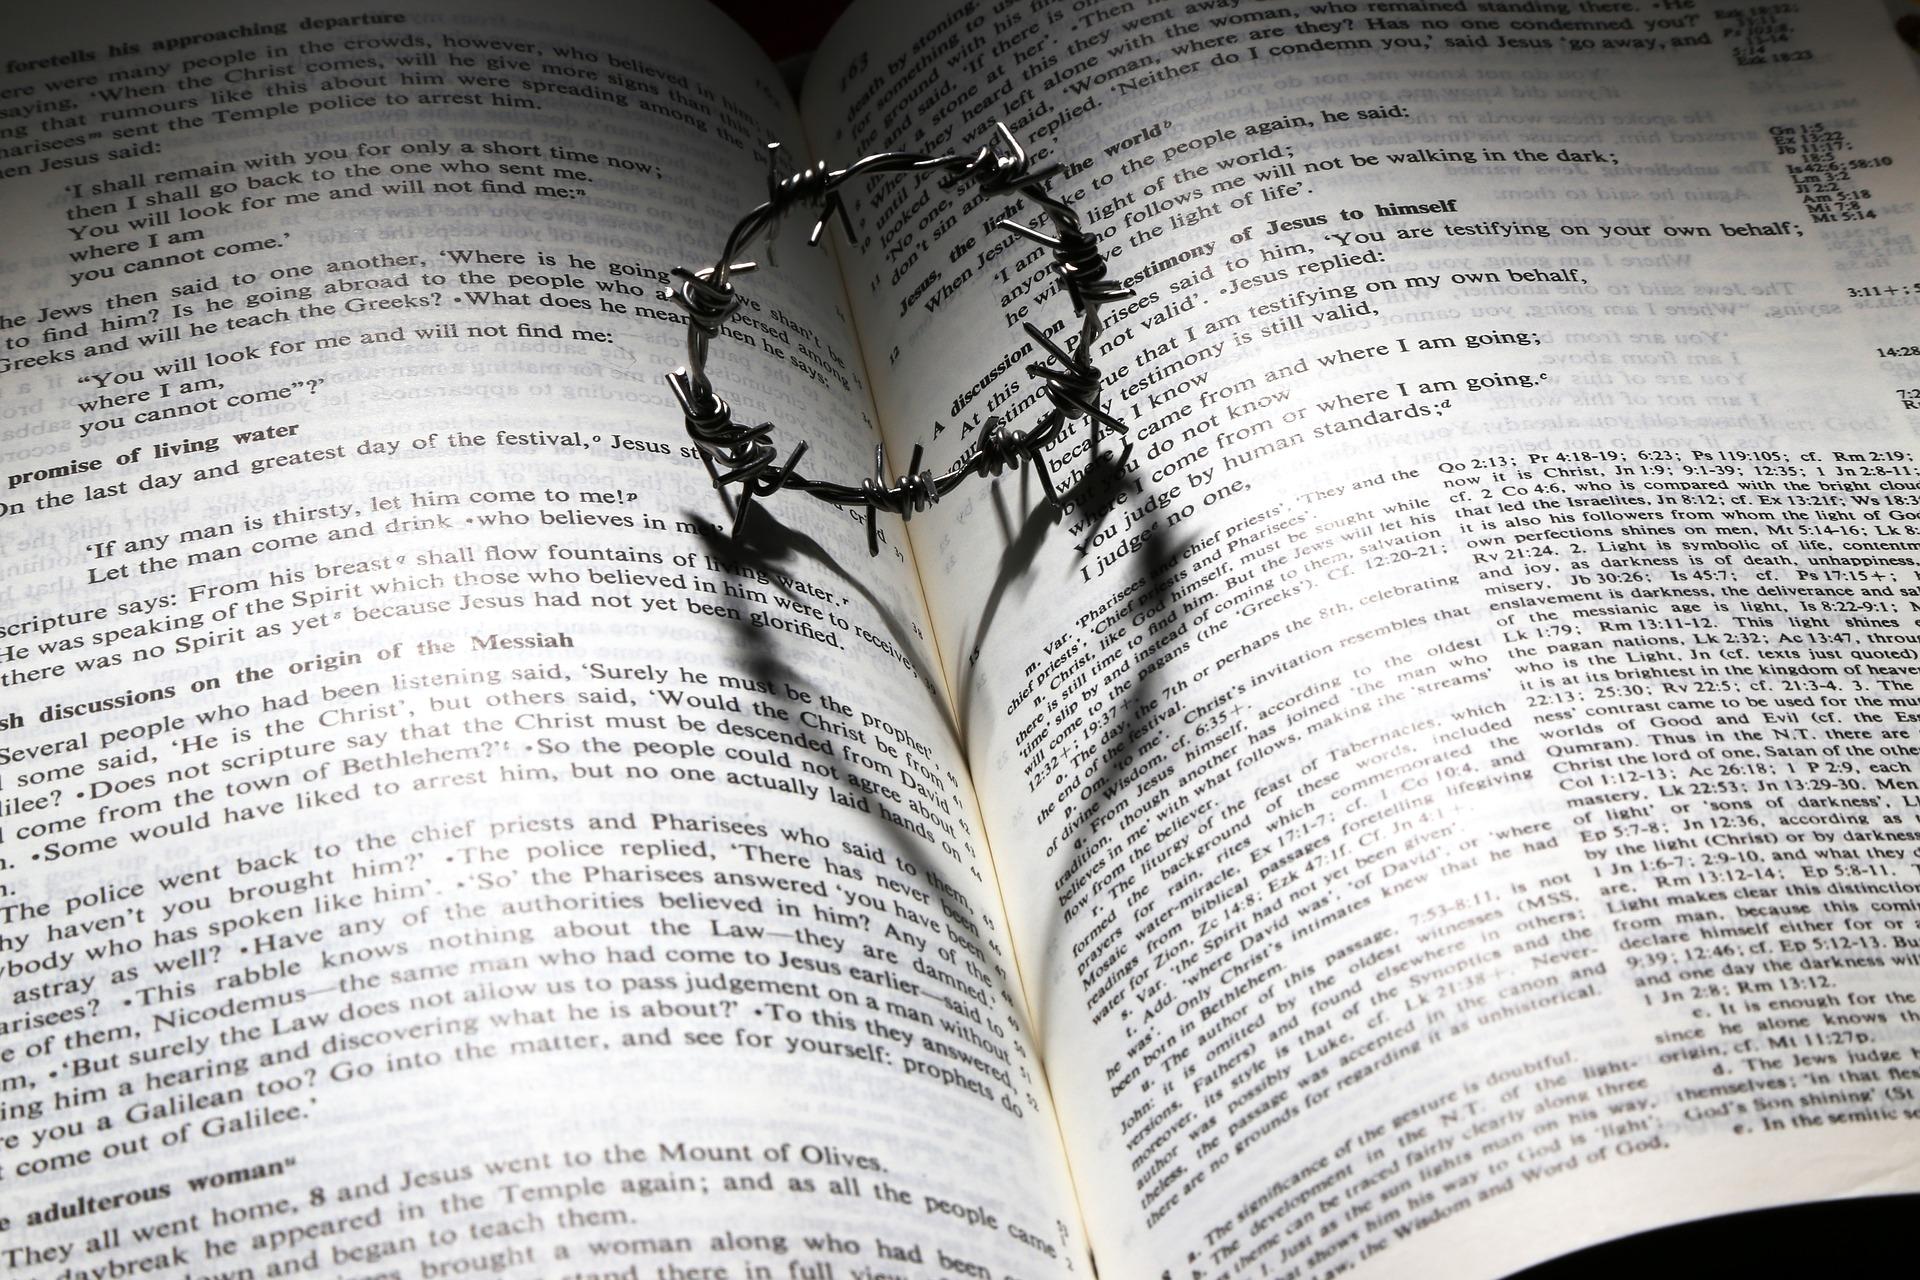 credința, iubirea și speranța